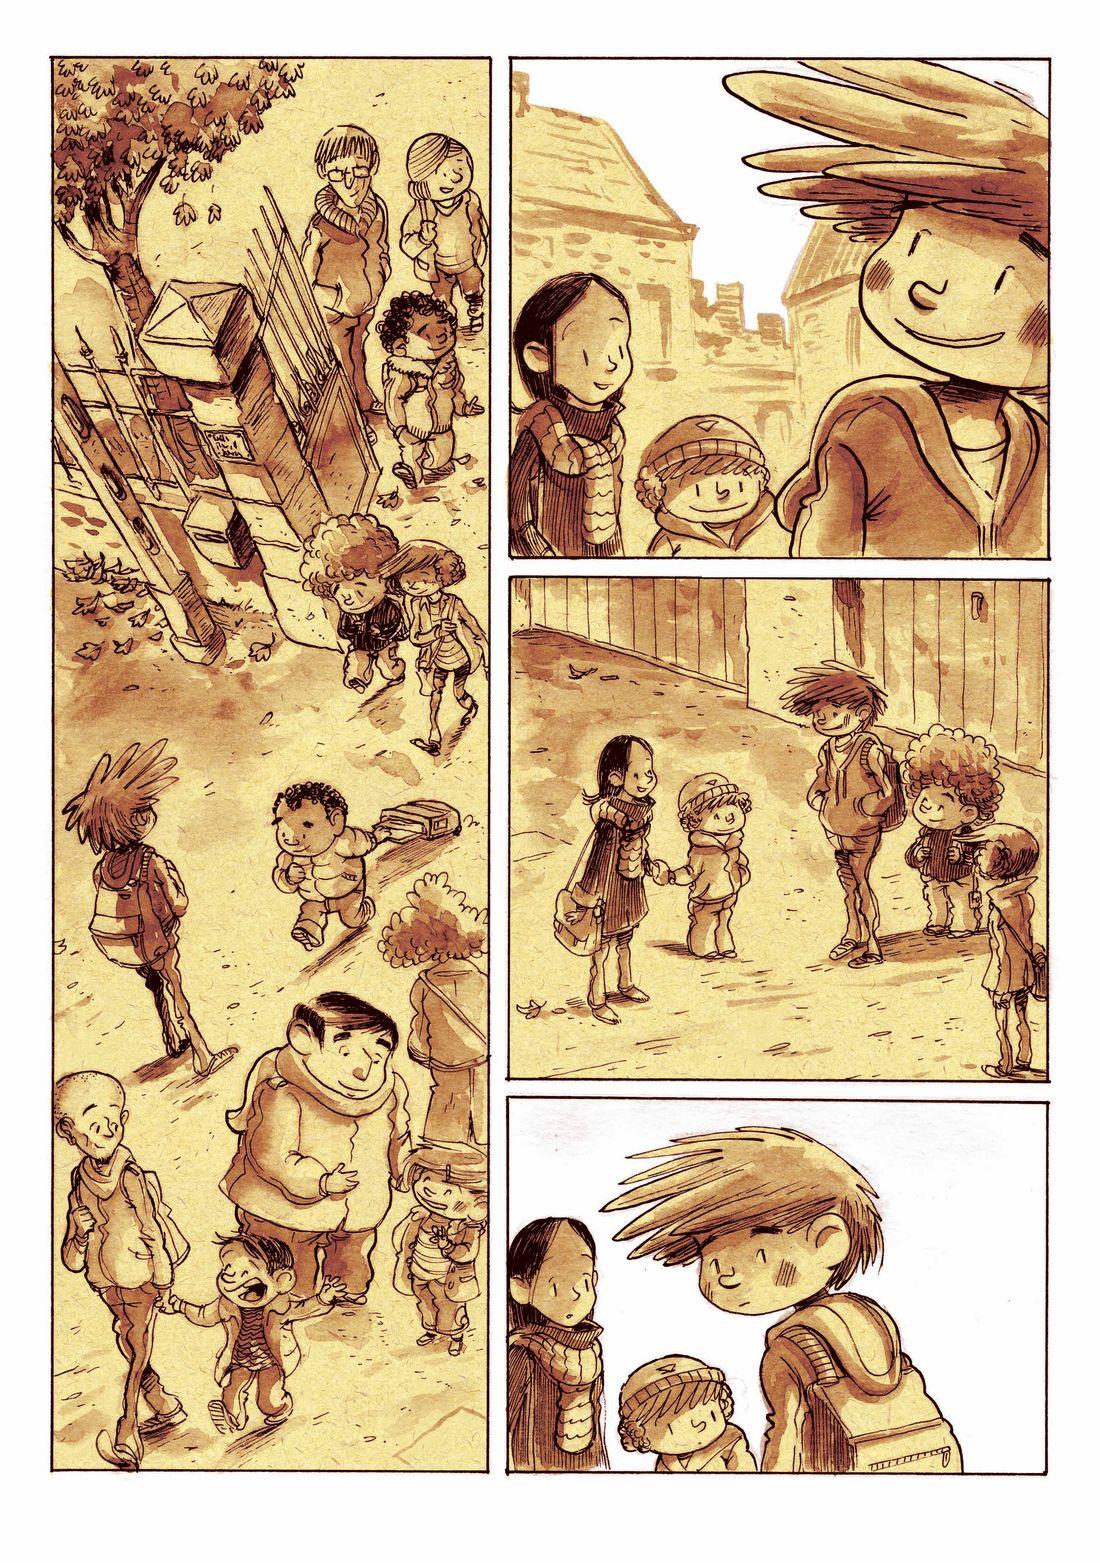 Supers, planche 24 du tome 2, calque de colorisation © Editions de la gouttiere / Dawid / Maupomé